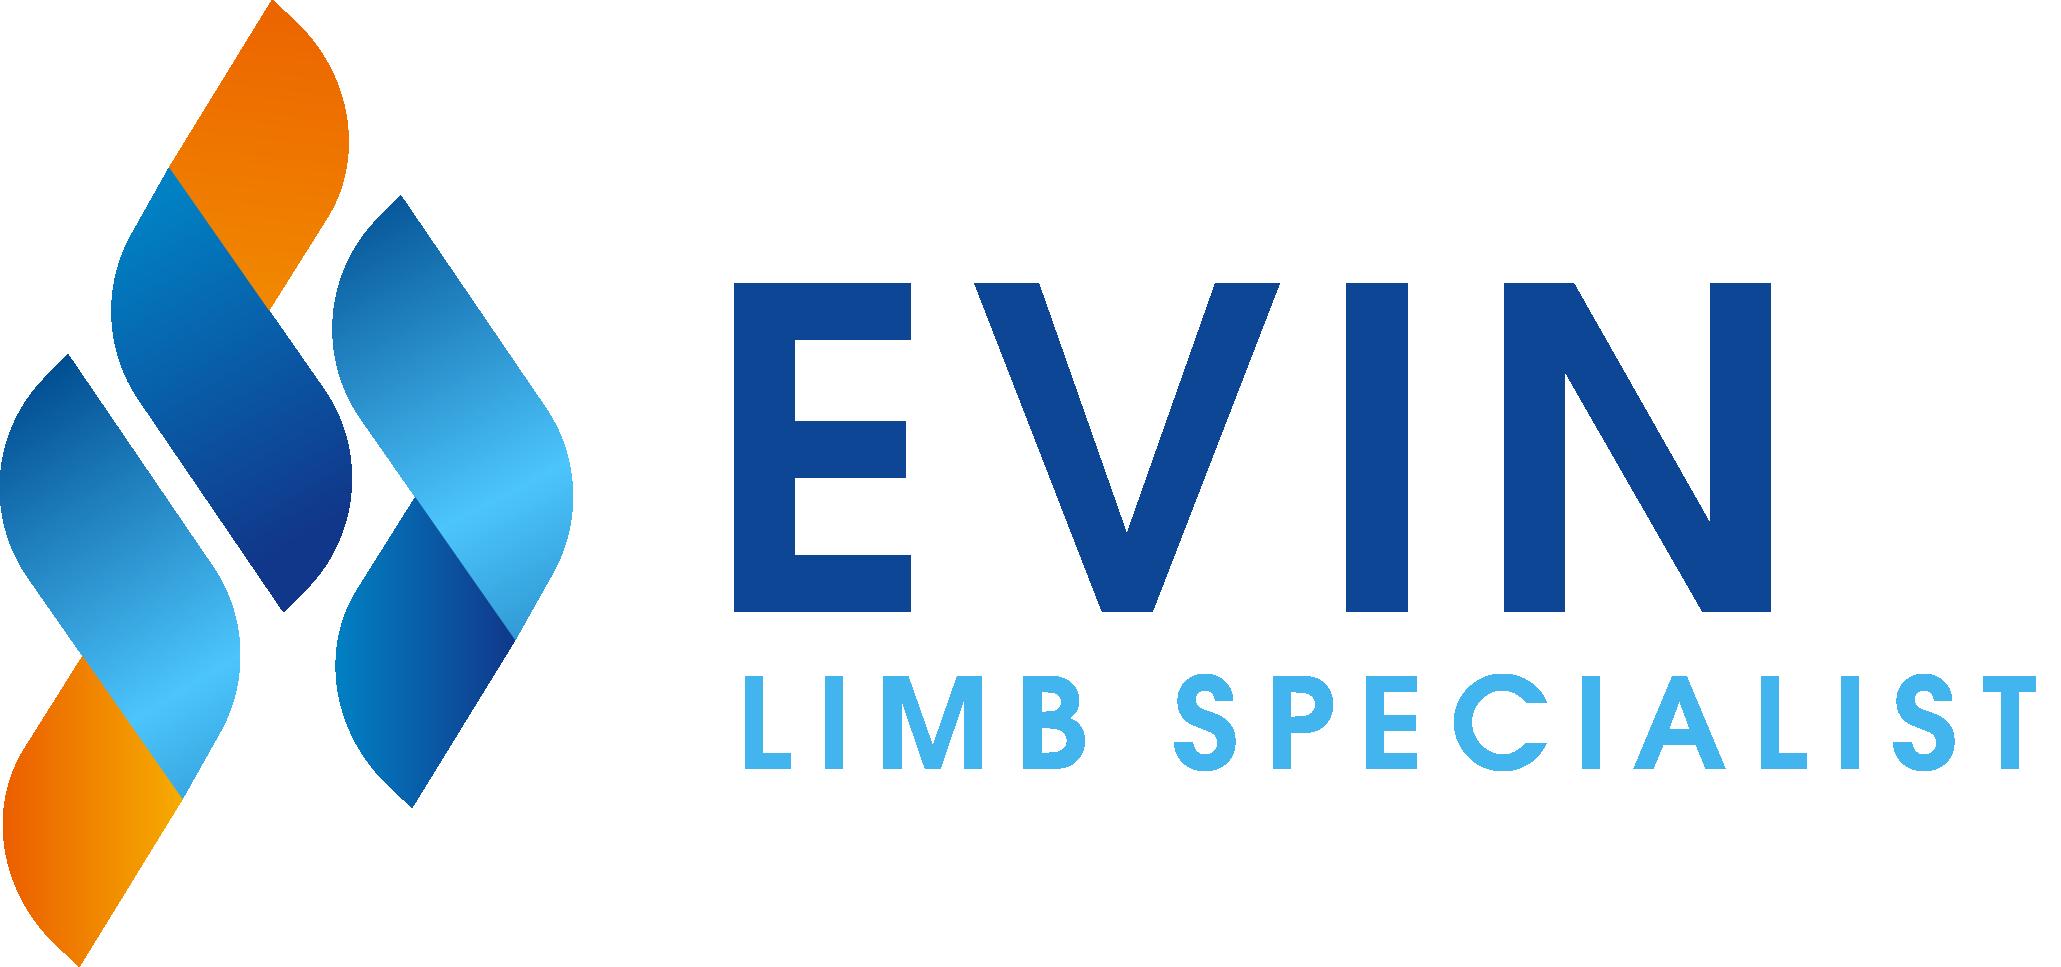 Evin Limb Specialist